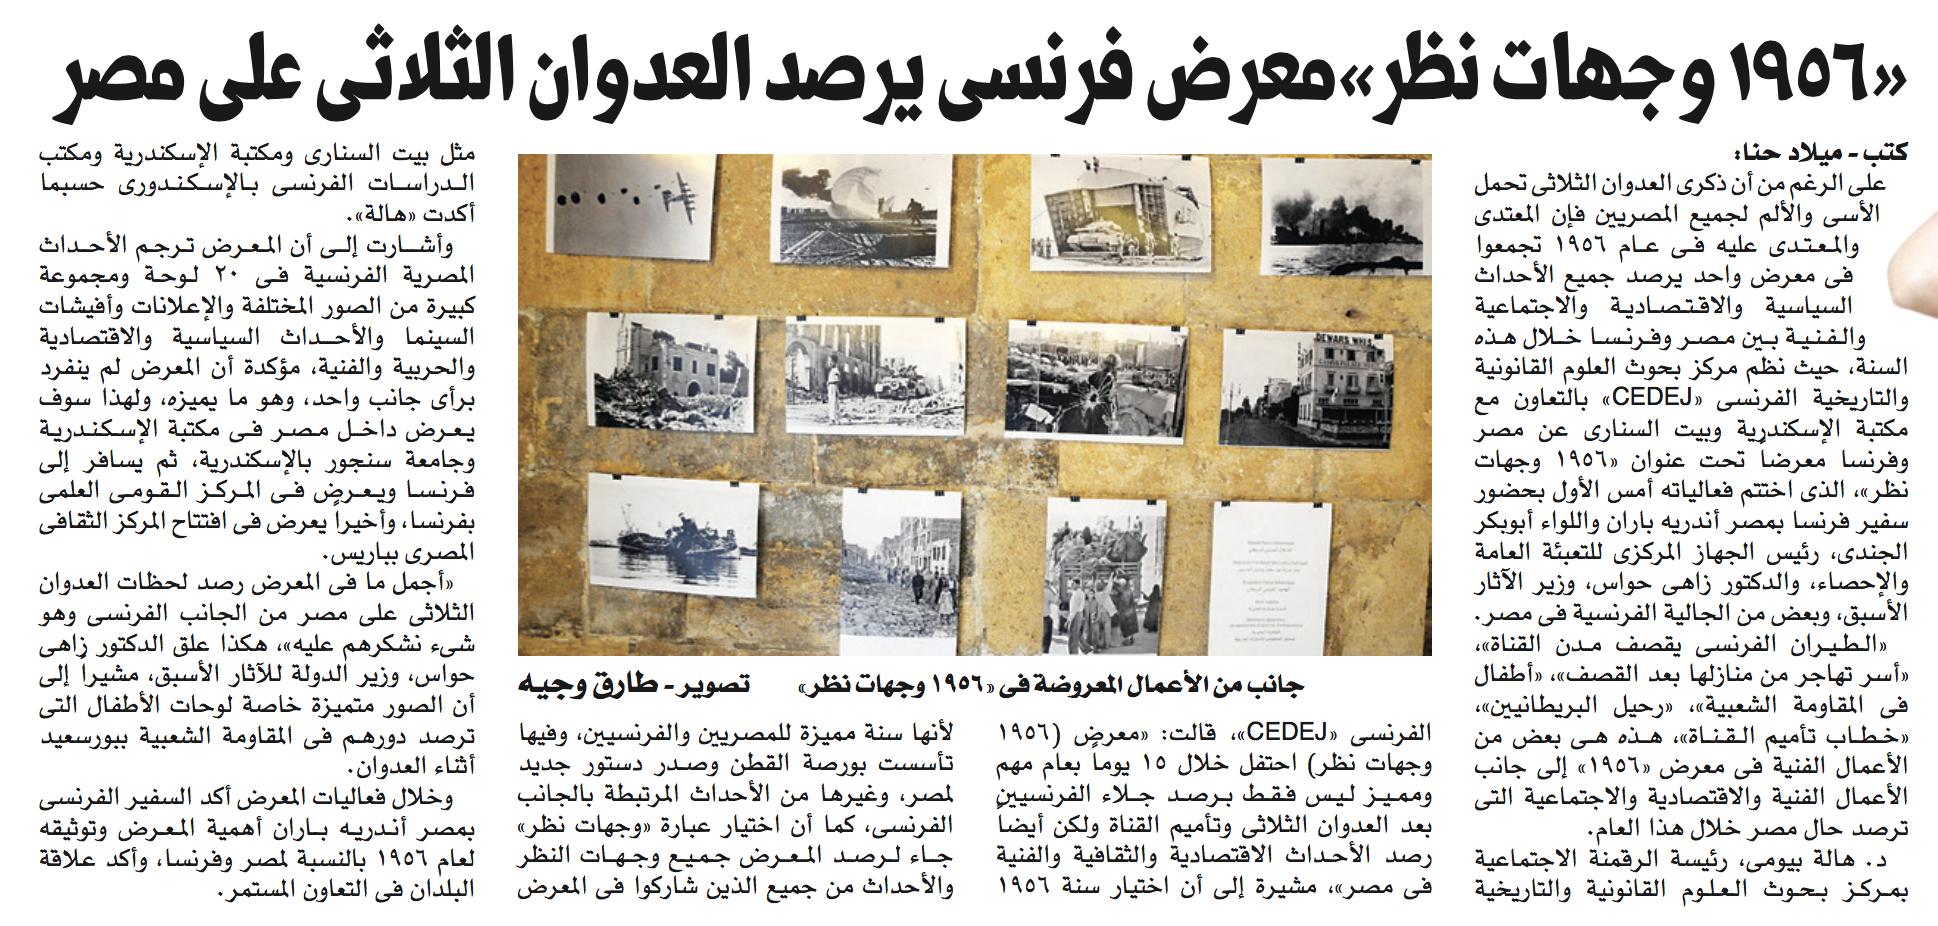 Exposition 1956 : regards croisés